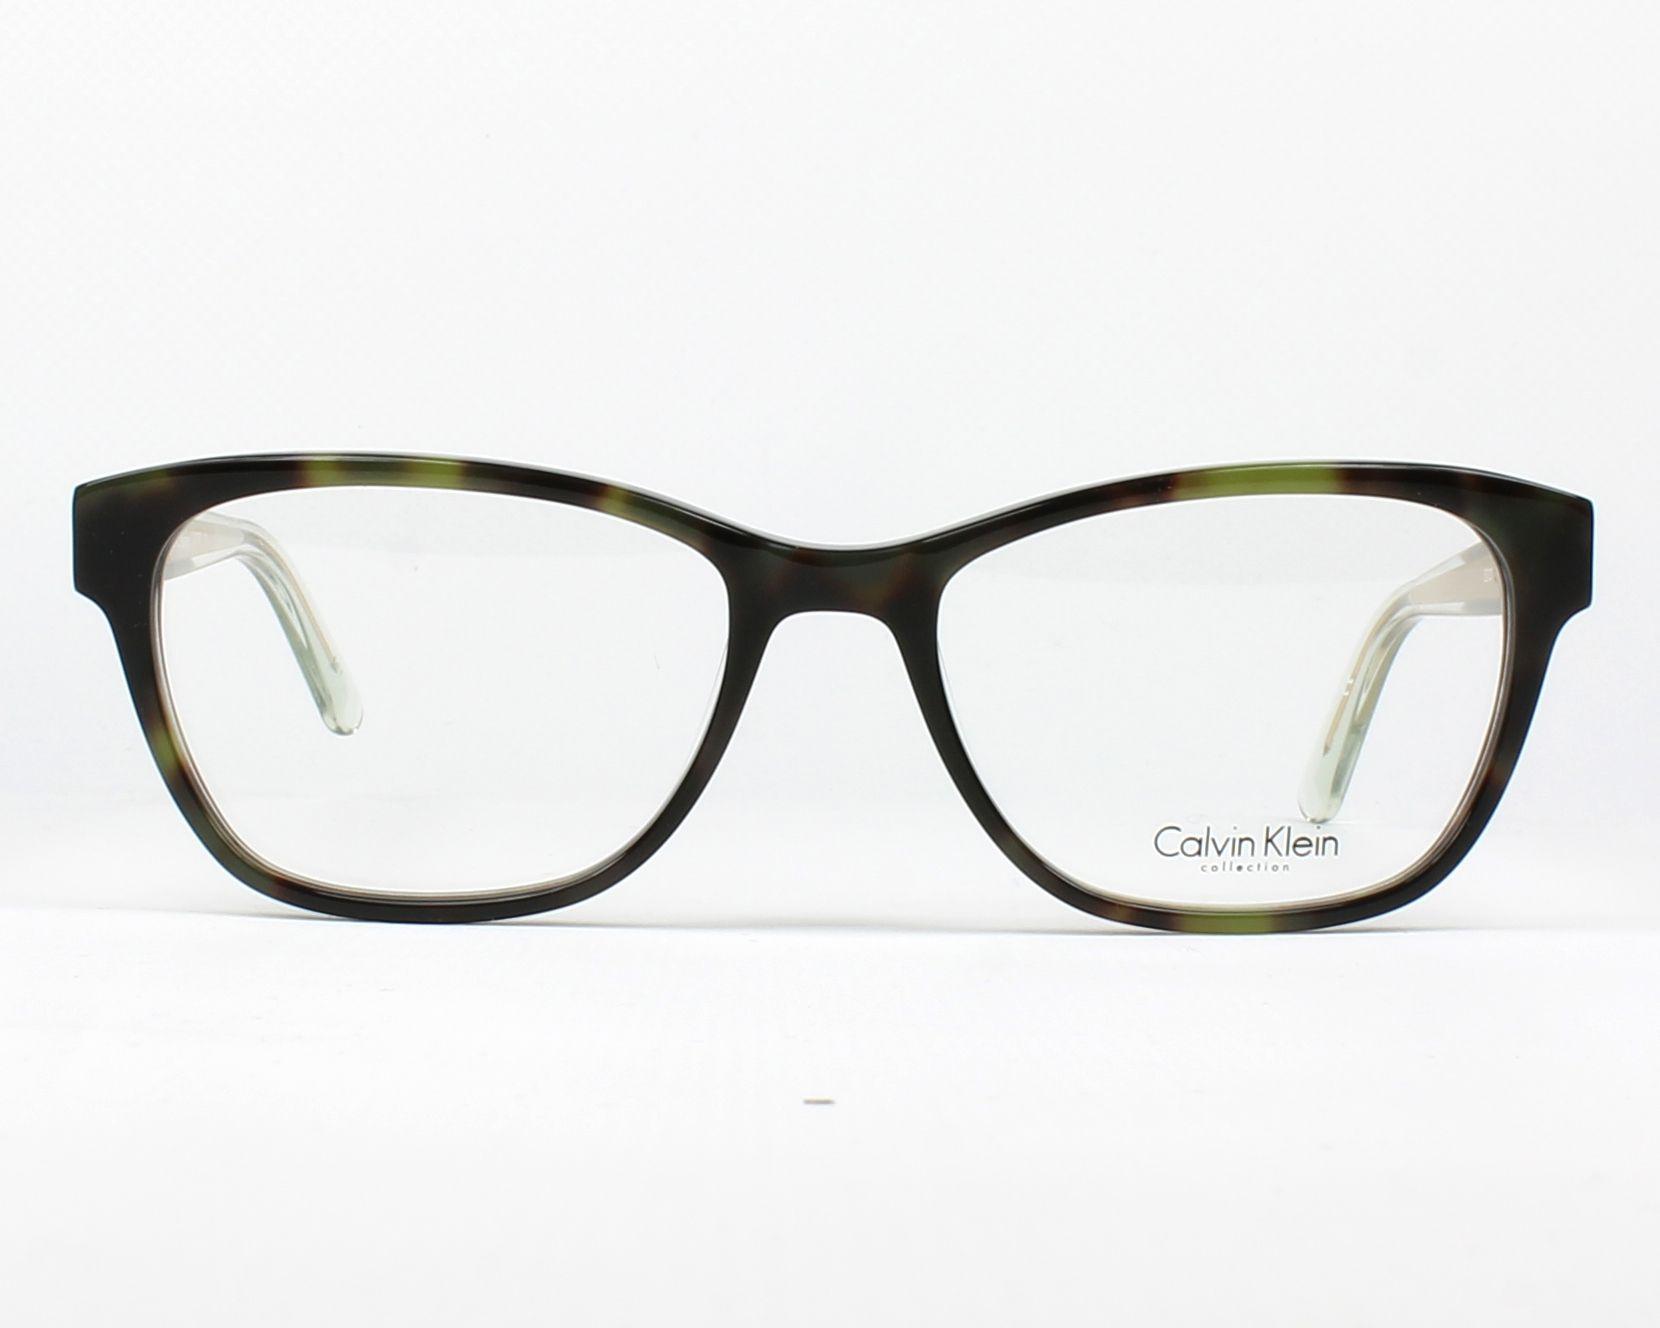 calvin klein brille ck 7892 301 gr n visionet. Black Bedroom Furniture Sets. Home Design Ideas